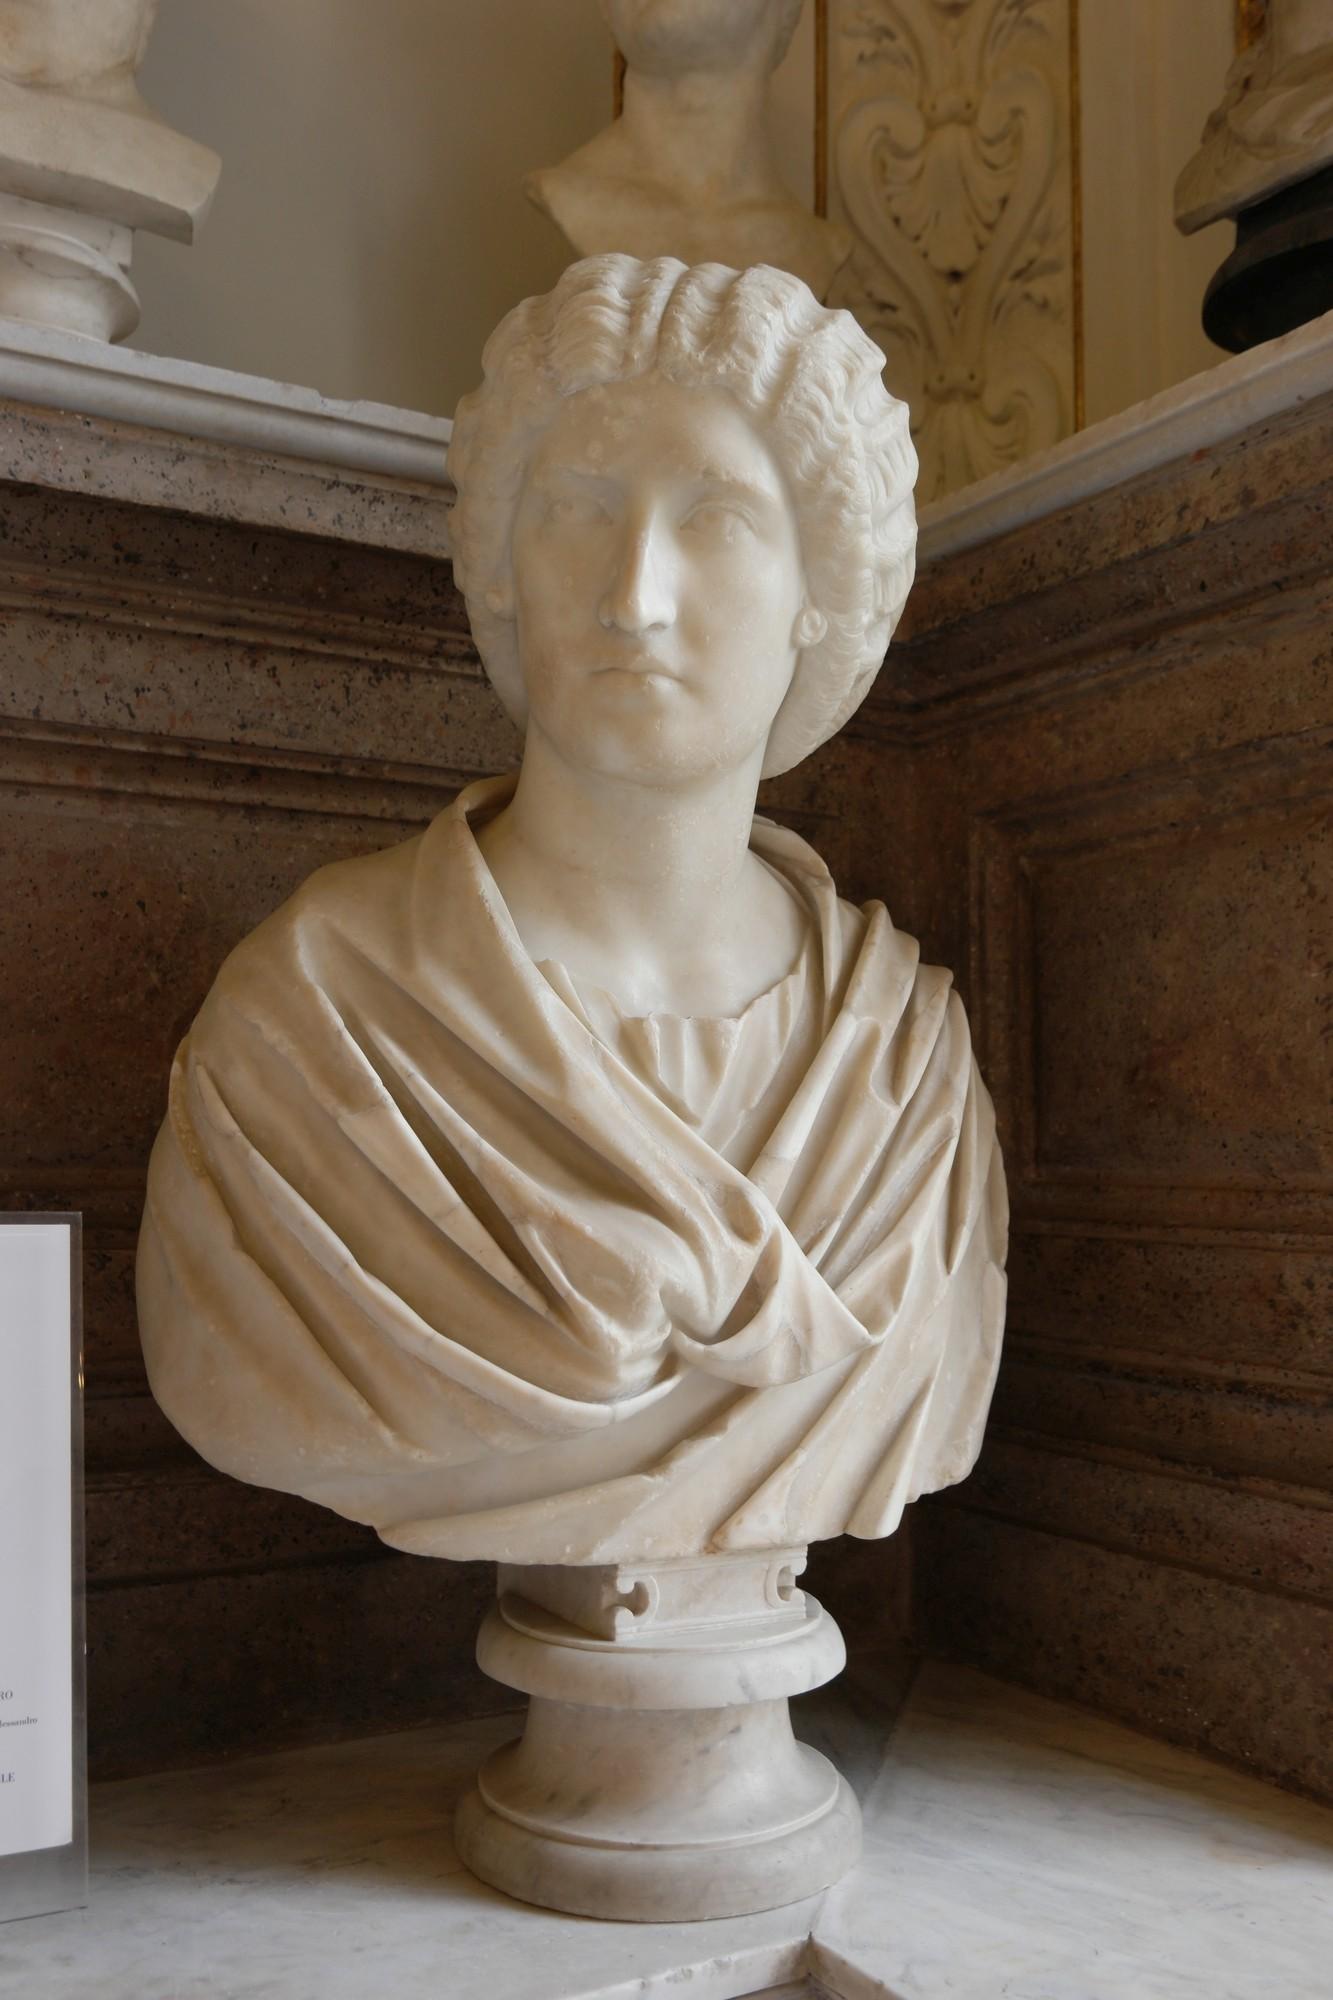 Julia Domna, popiersie ze zbiorów Muzeów Kapitolińskich